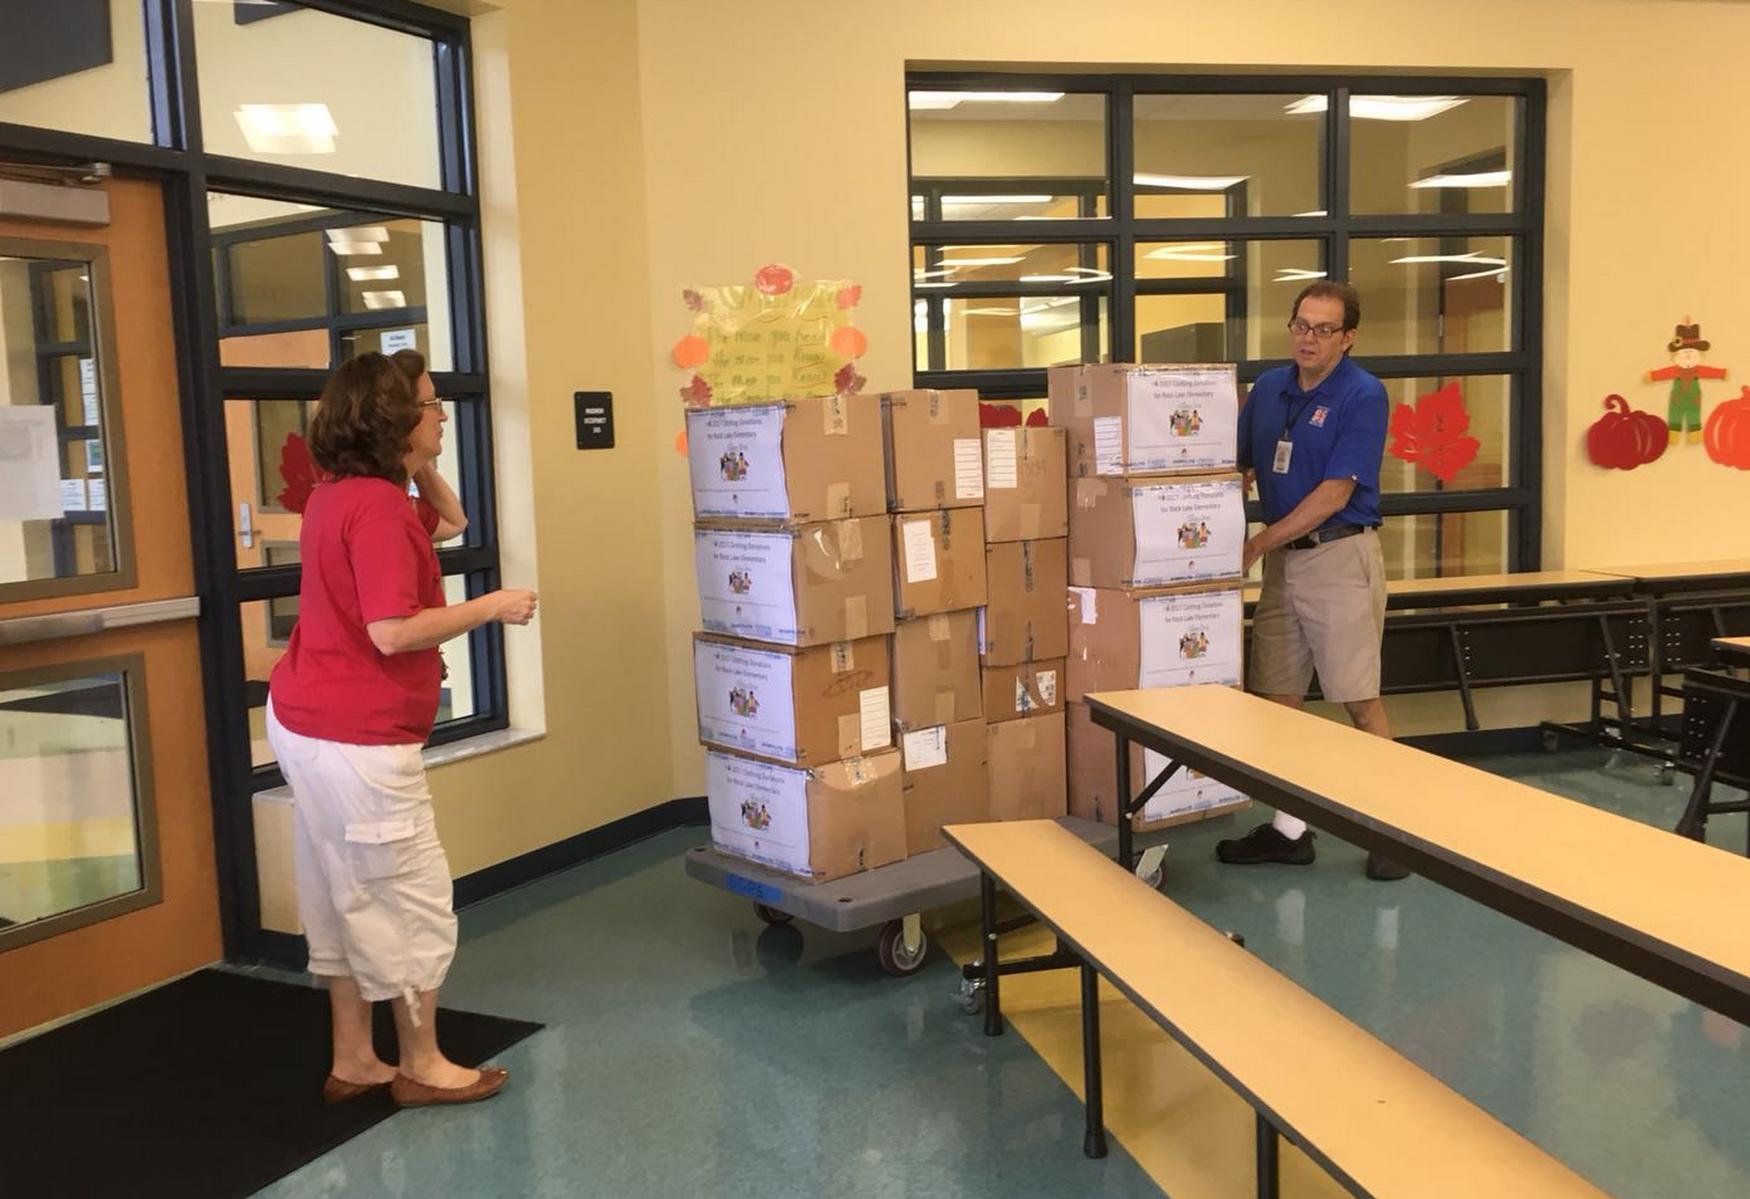 國際佛光會佛州協會奧蘭多西區分會成員送募集的衣物至岩湖小學。(鄭曼枝提供)